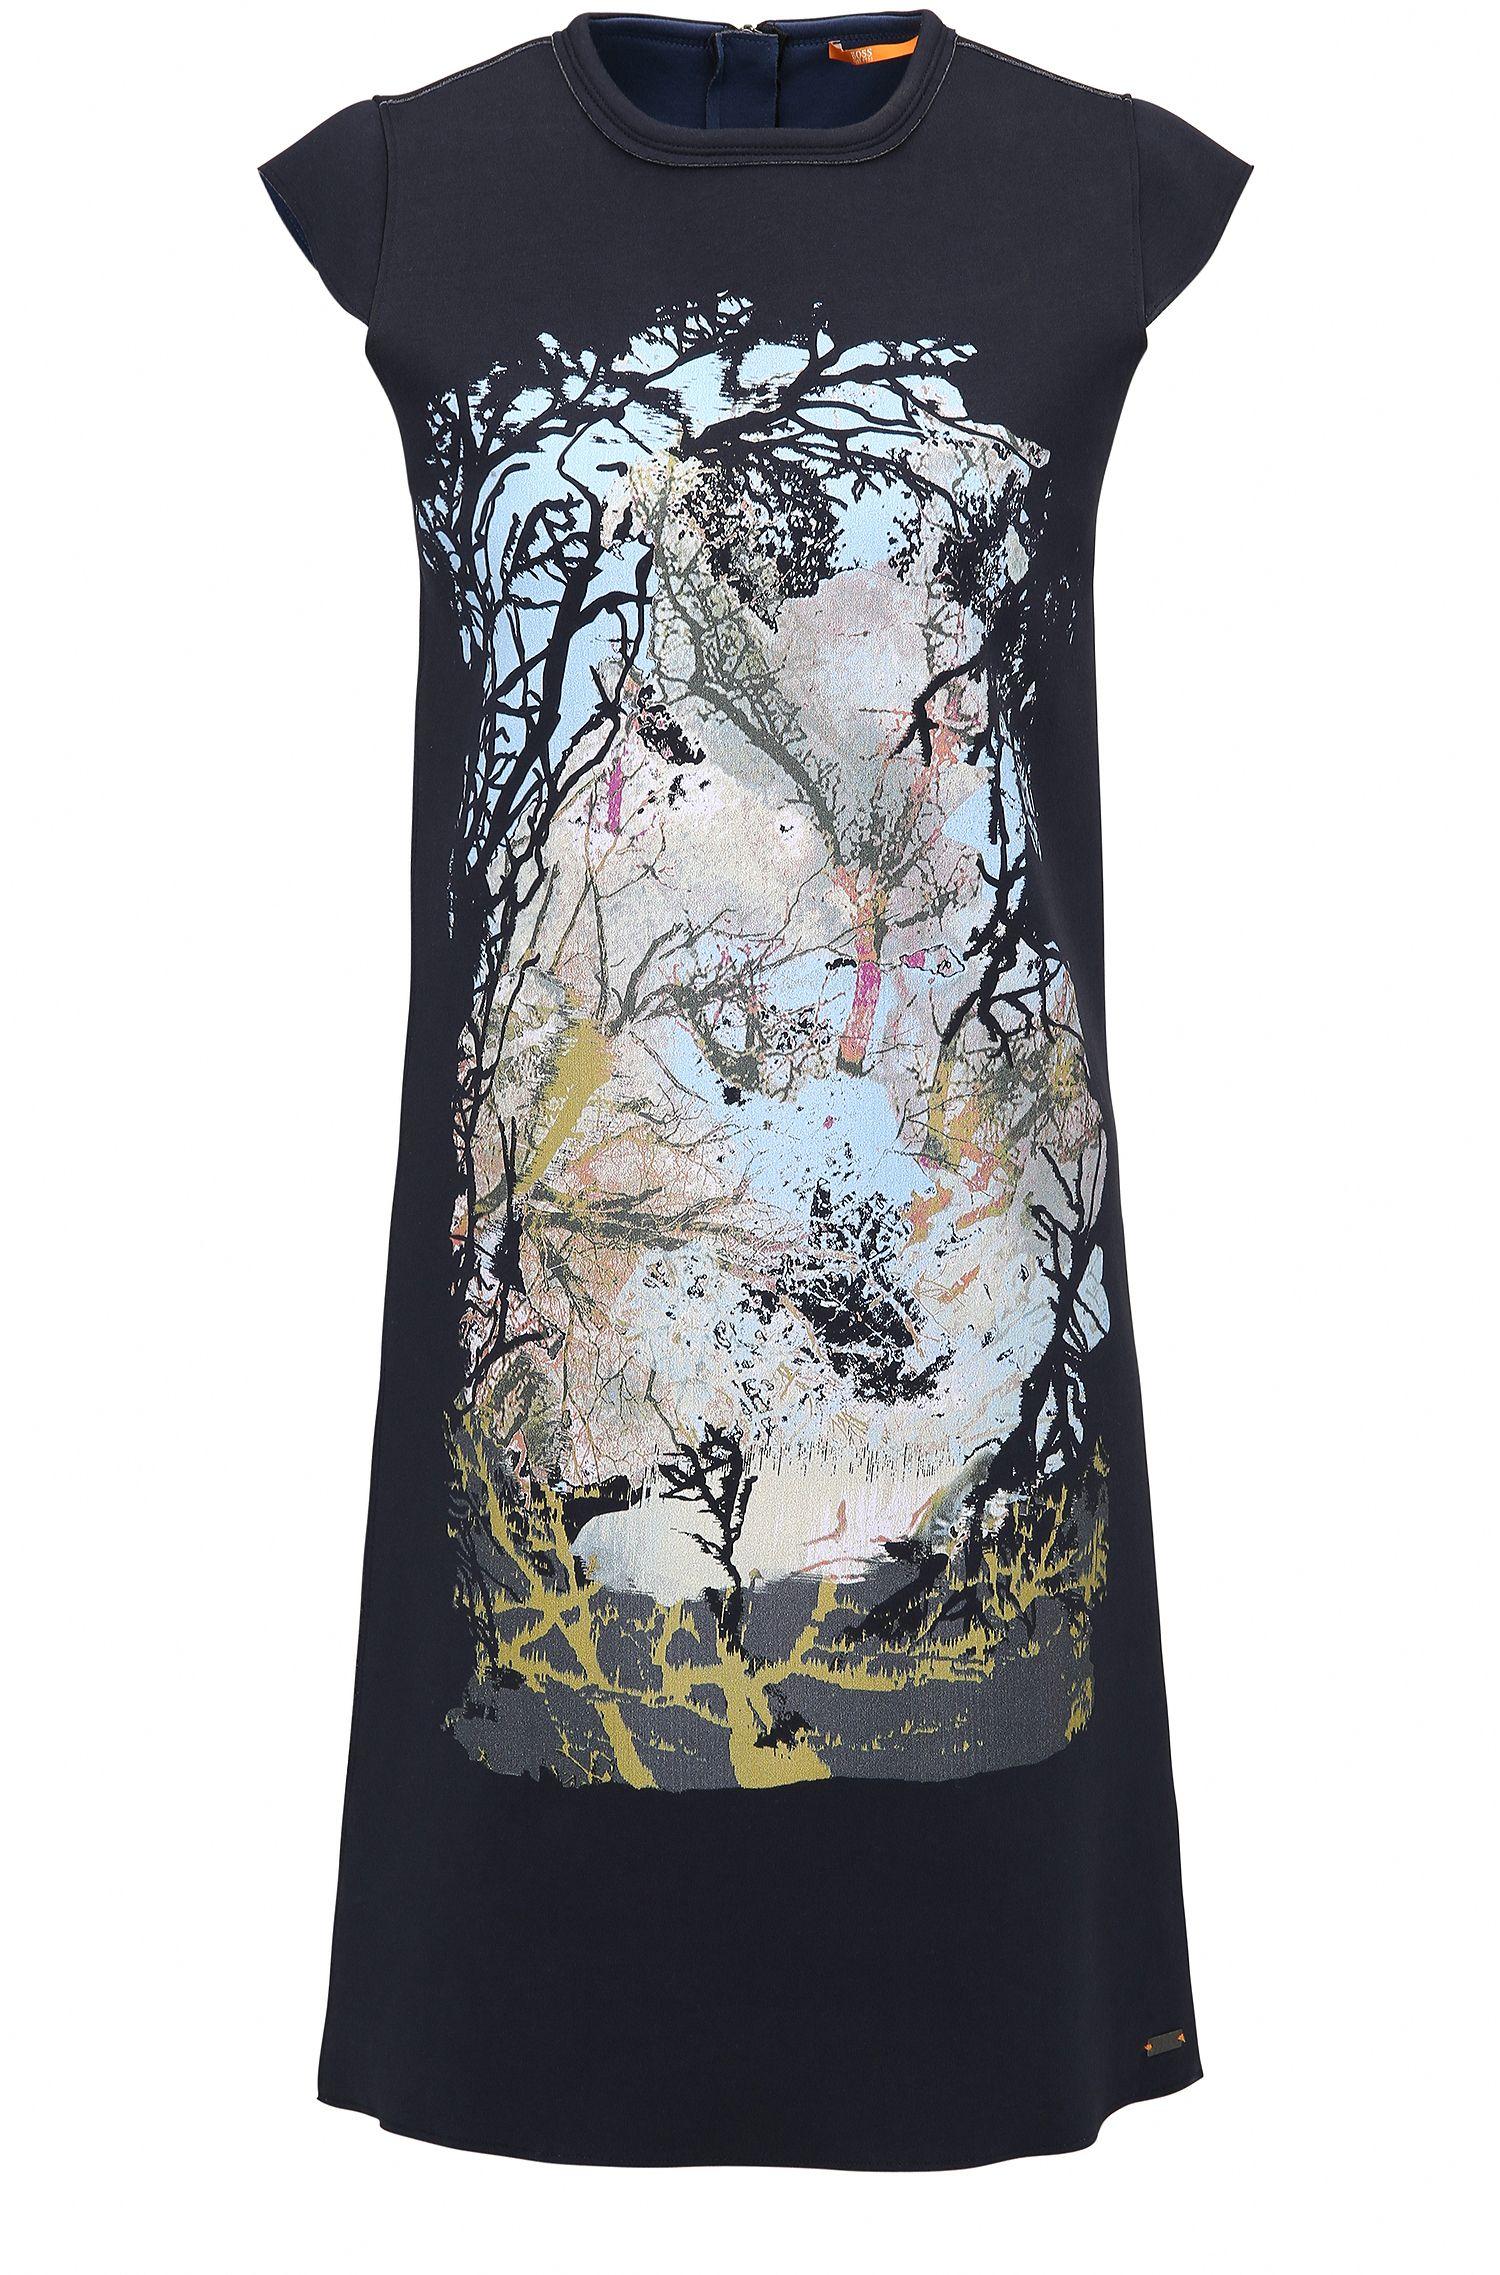 Gebondetes Jersey-Kleid mit Natur-Print